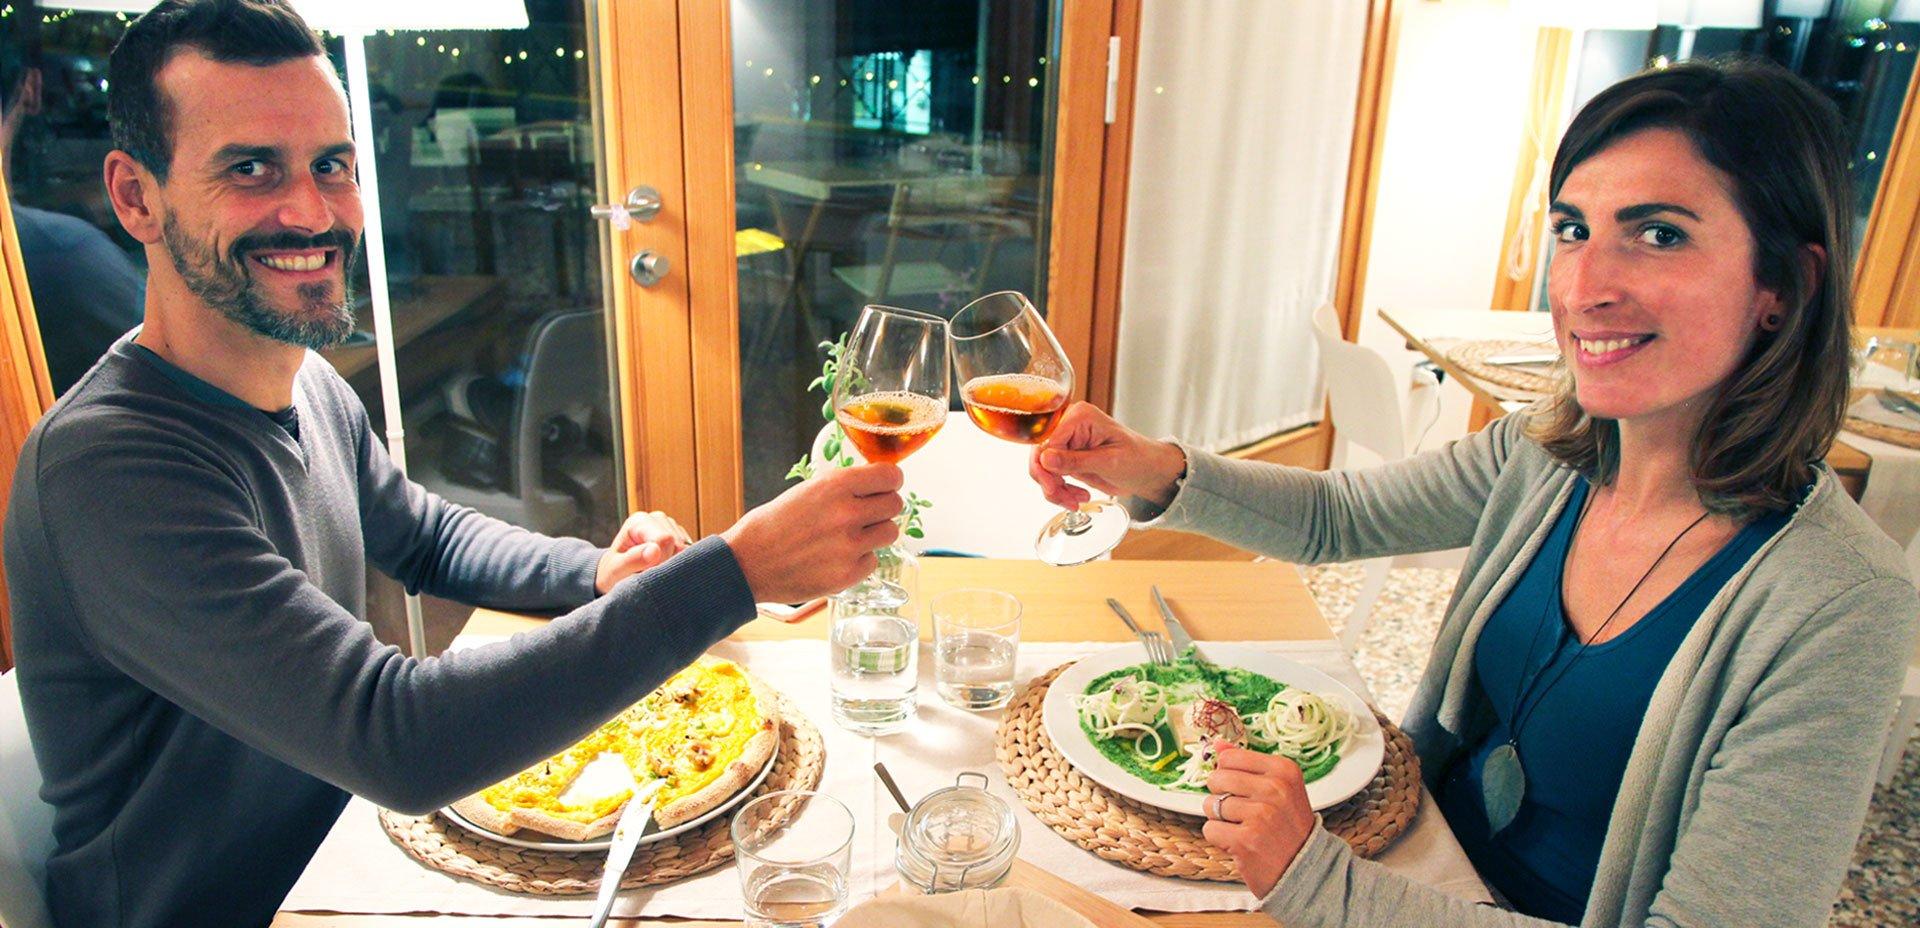 Al Tiglio cucina naturale - Ristorante vegano a Moruzzo (Udine)